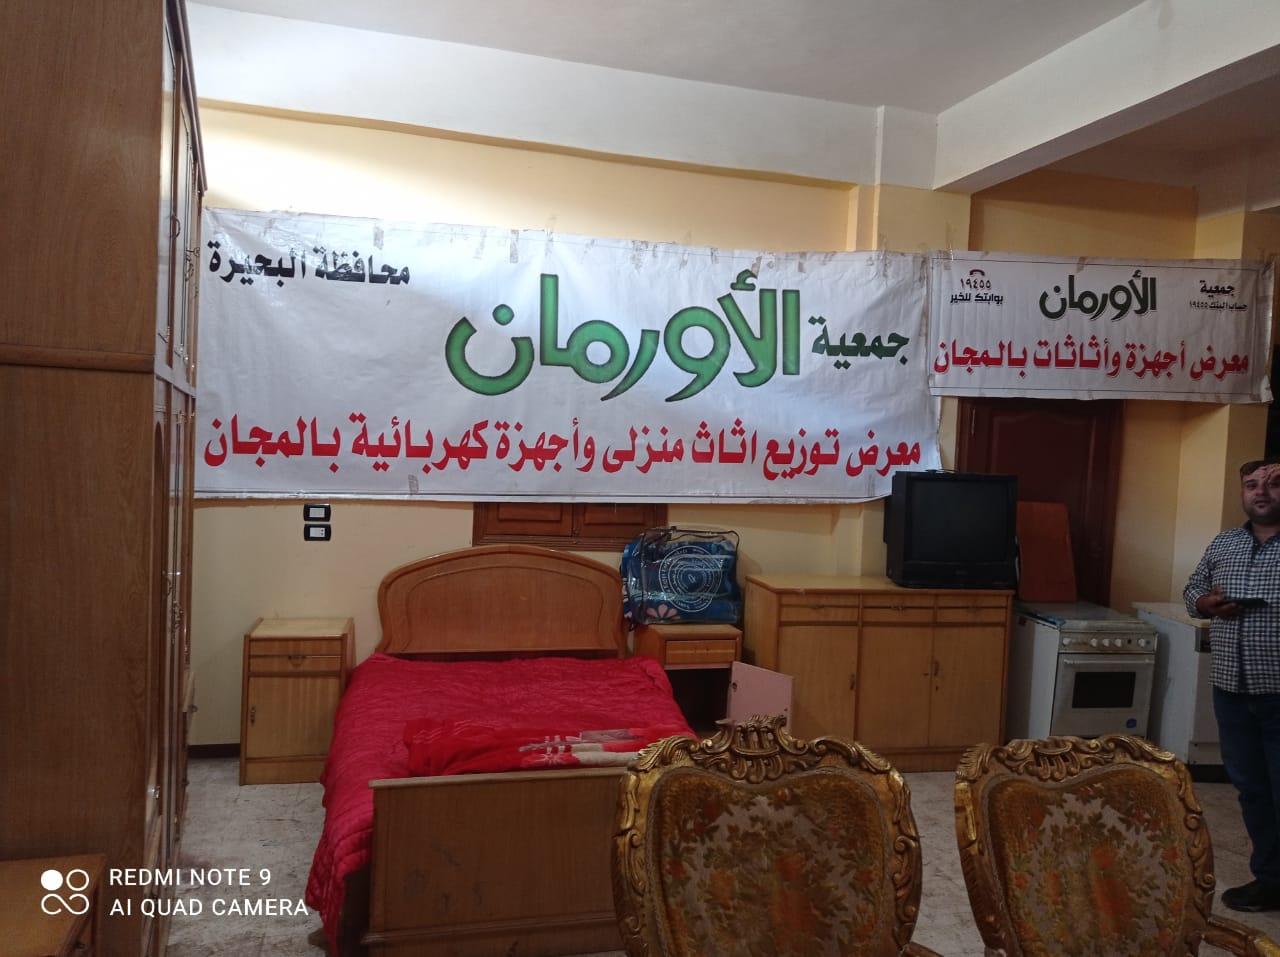 معرض لتوزيع قطع الأثاث والأجهزة الكهربائية بالمجان بقرية النجيله بمركز كوم حمادة